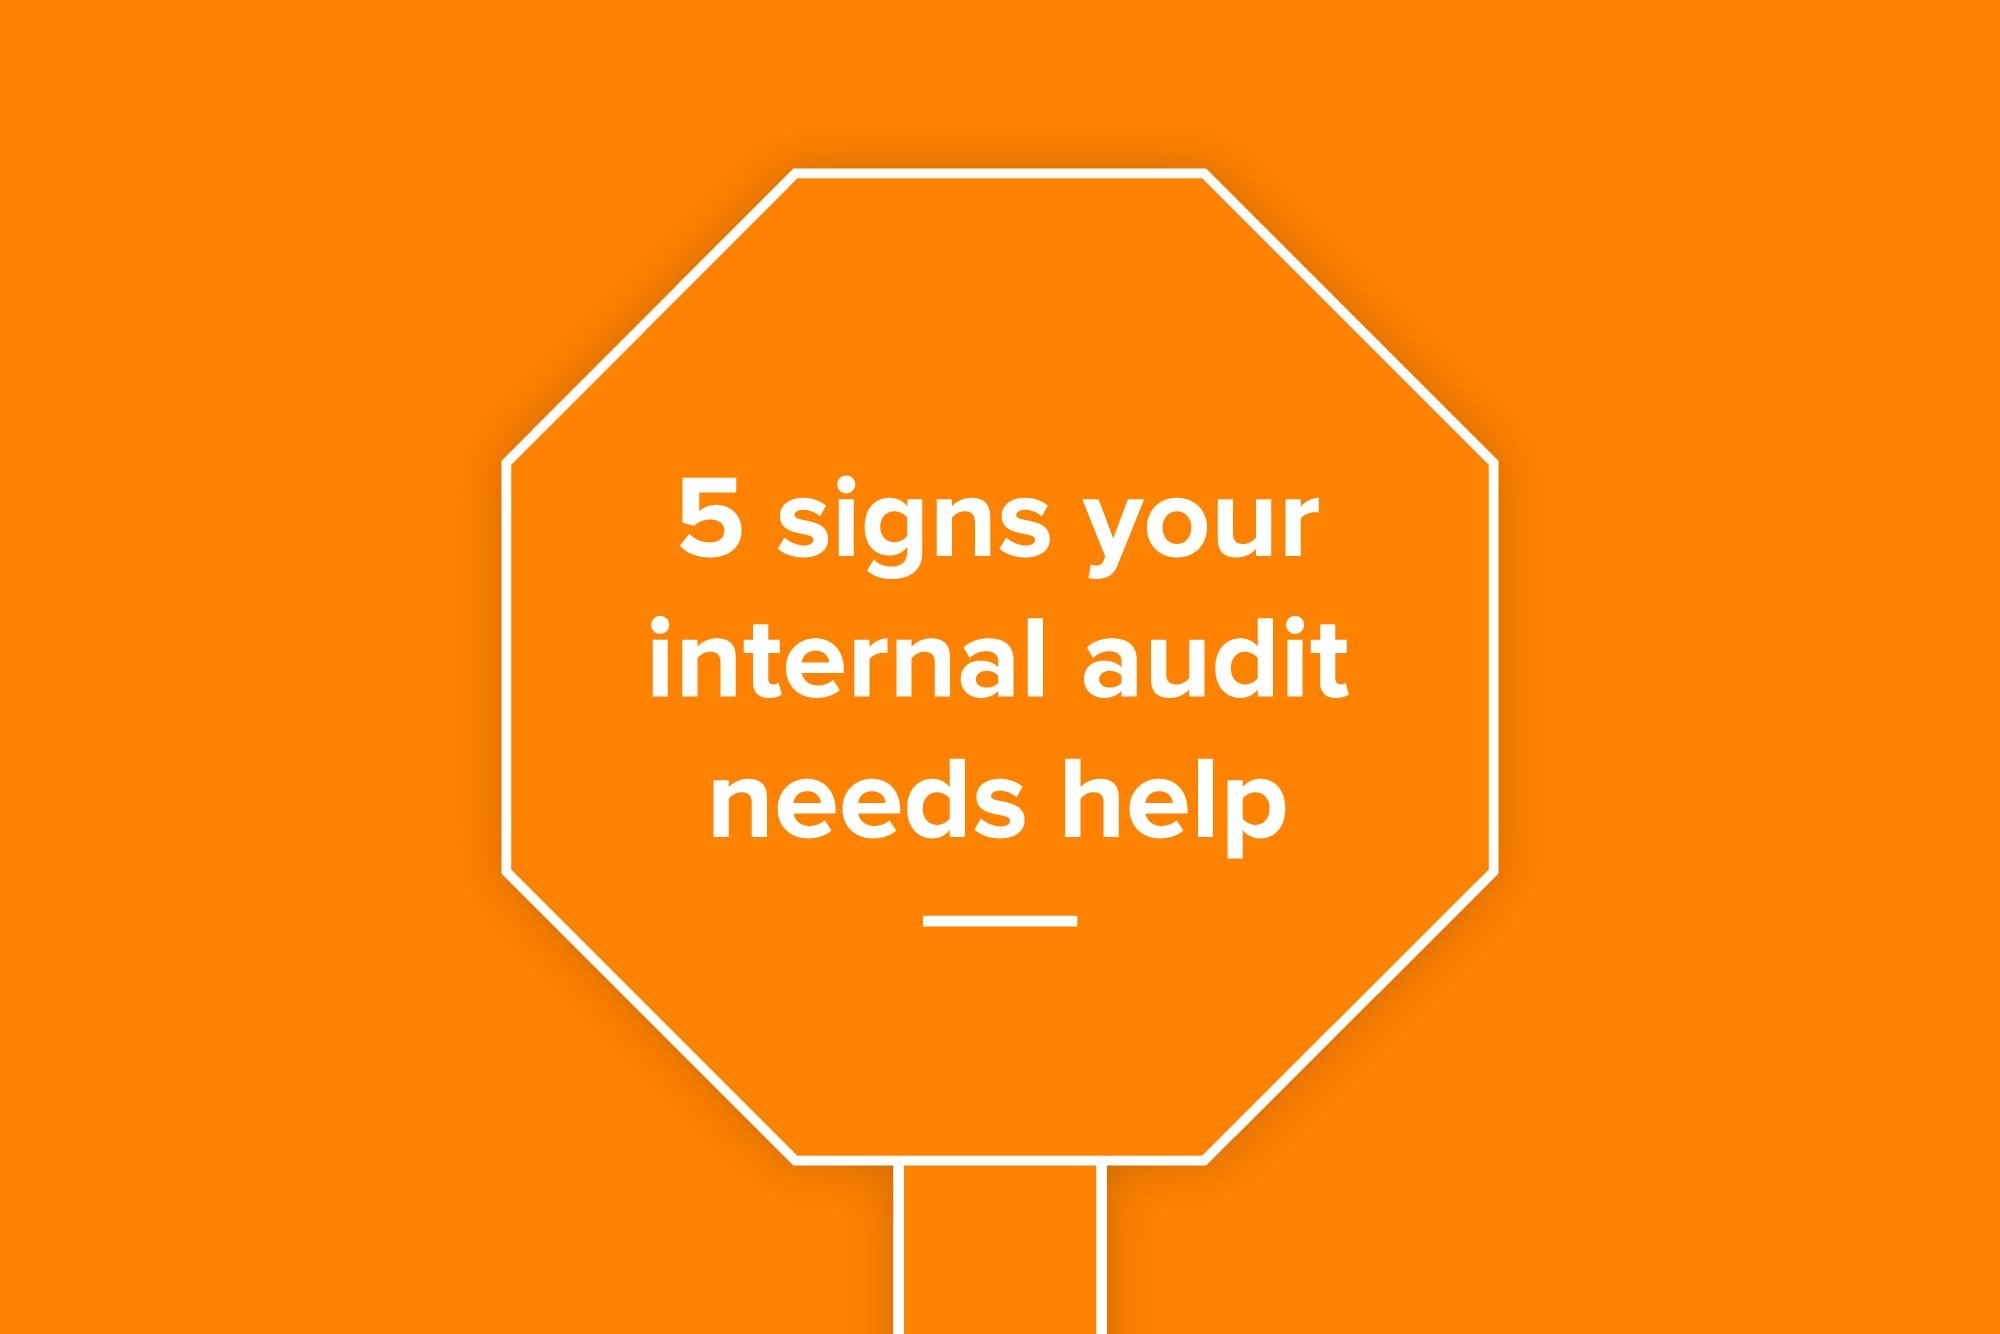 5-signs-internal-audit-help.jpg